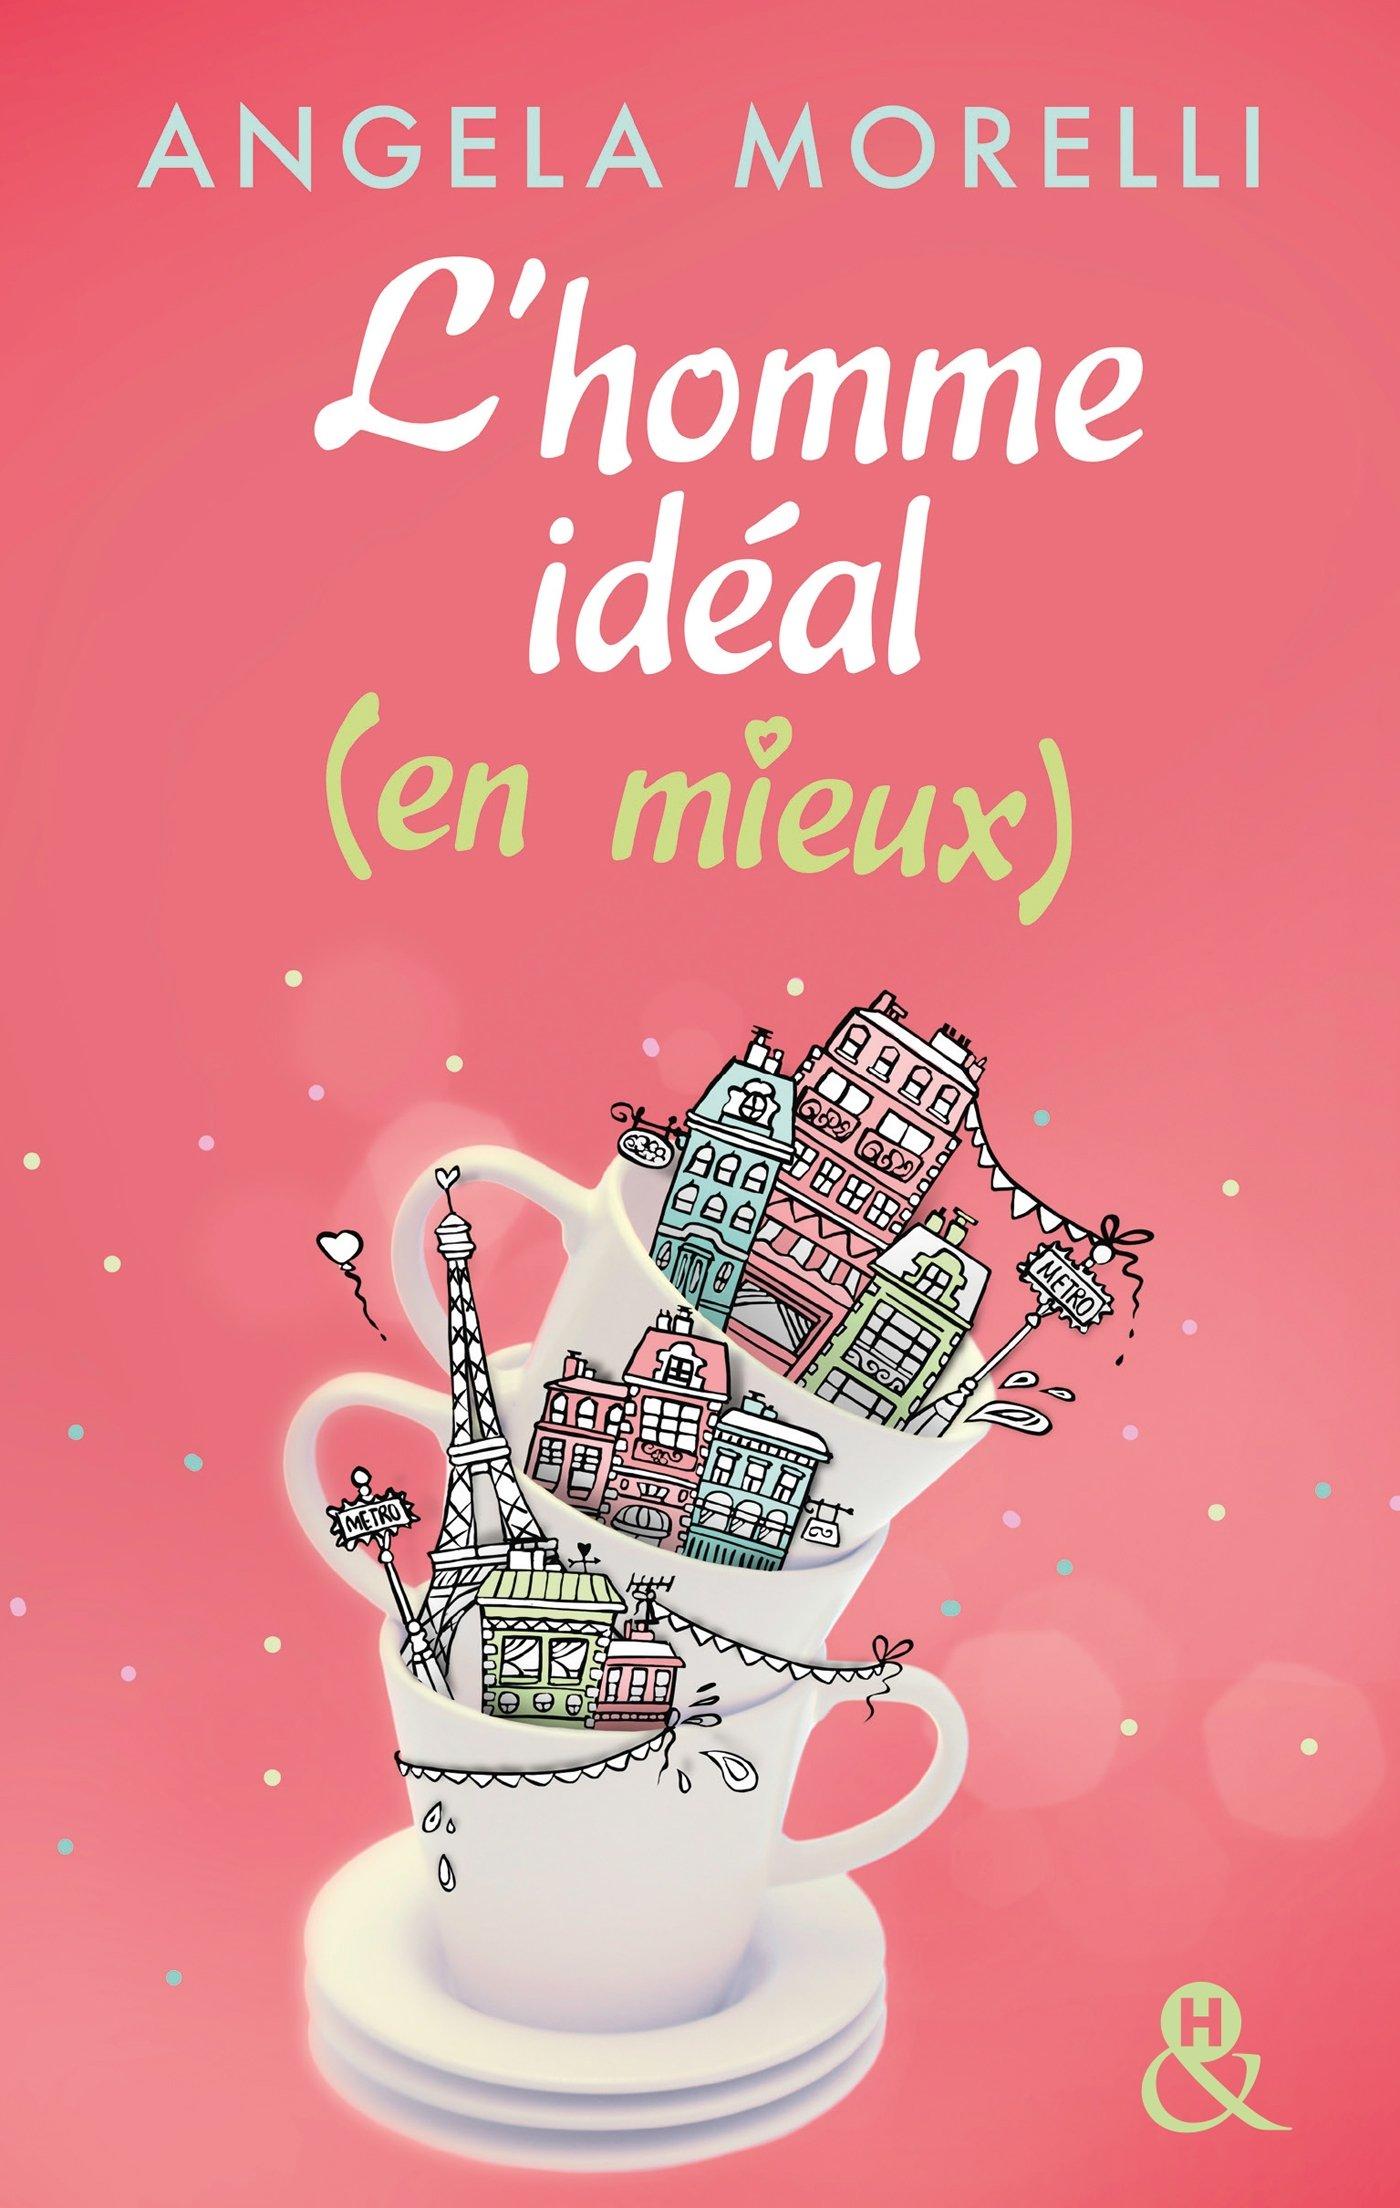 idéal - Les Parisiennes - Tome 1 : L'homme idéal... (en mieux) - Angela Morelli 81Ua87crqCL